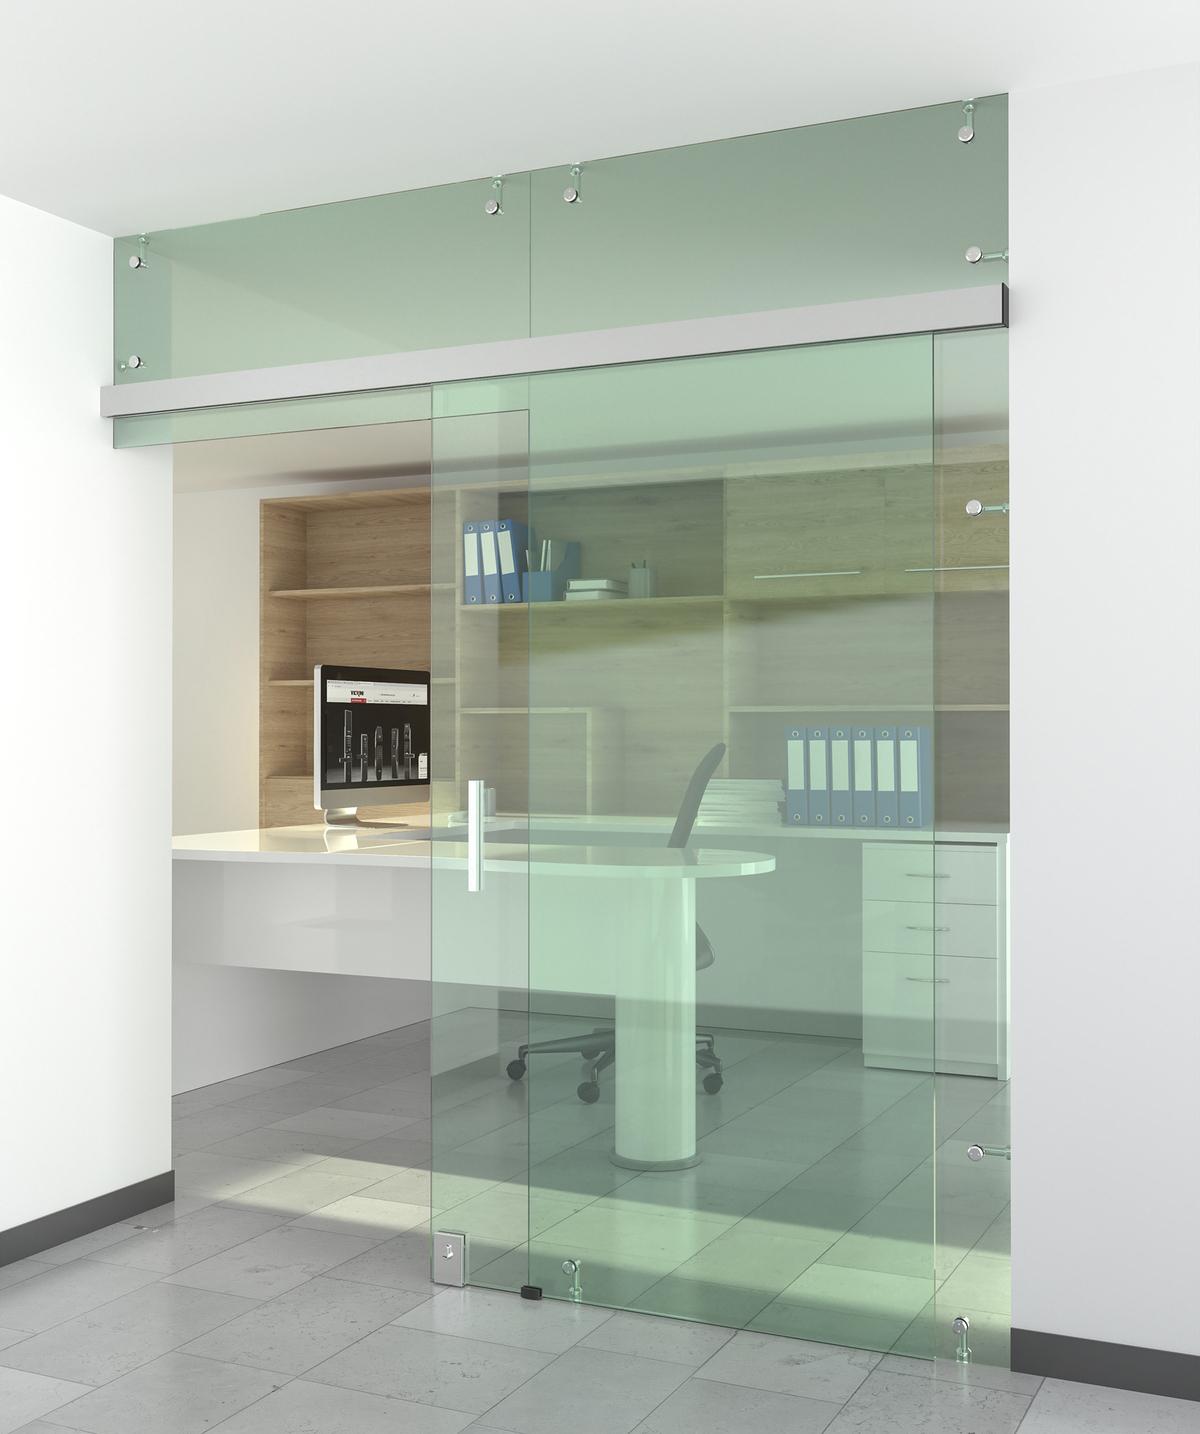 Hệ phụ kiện giảm chấn cho cửa kính lùa văn phòng